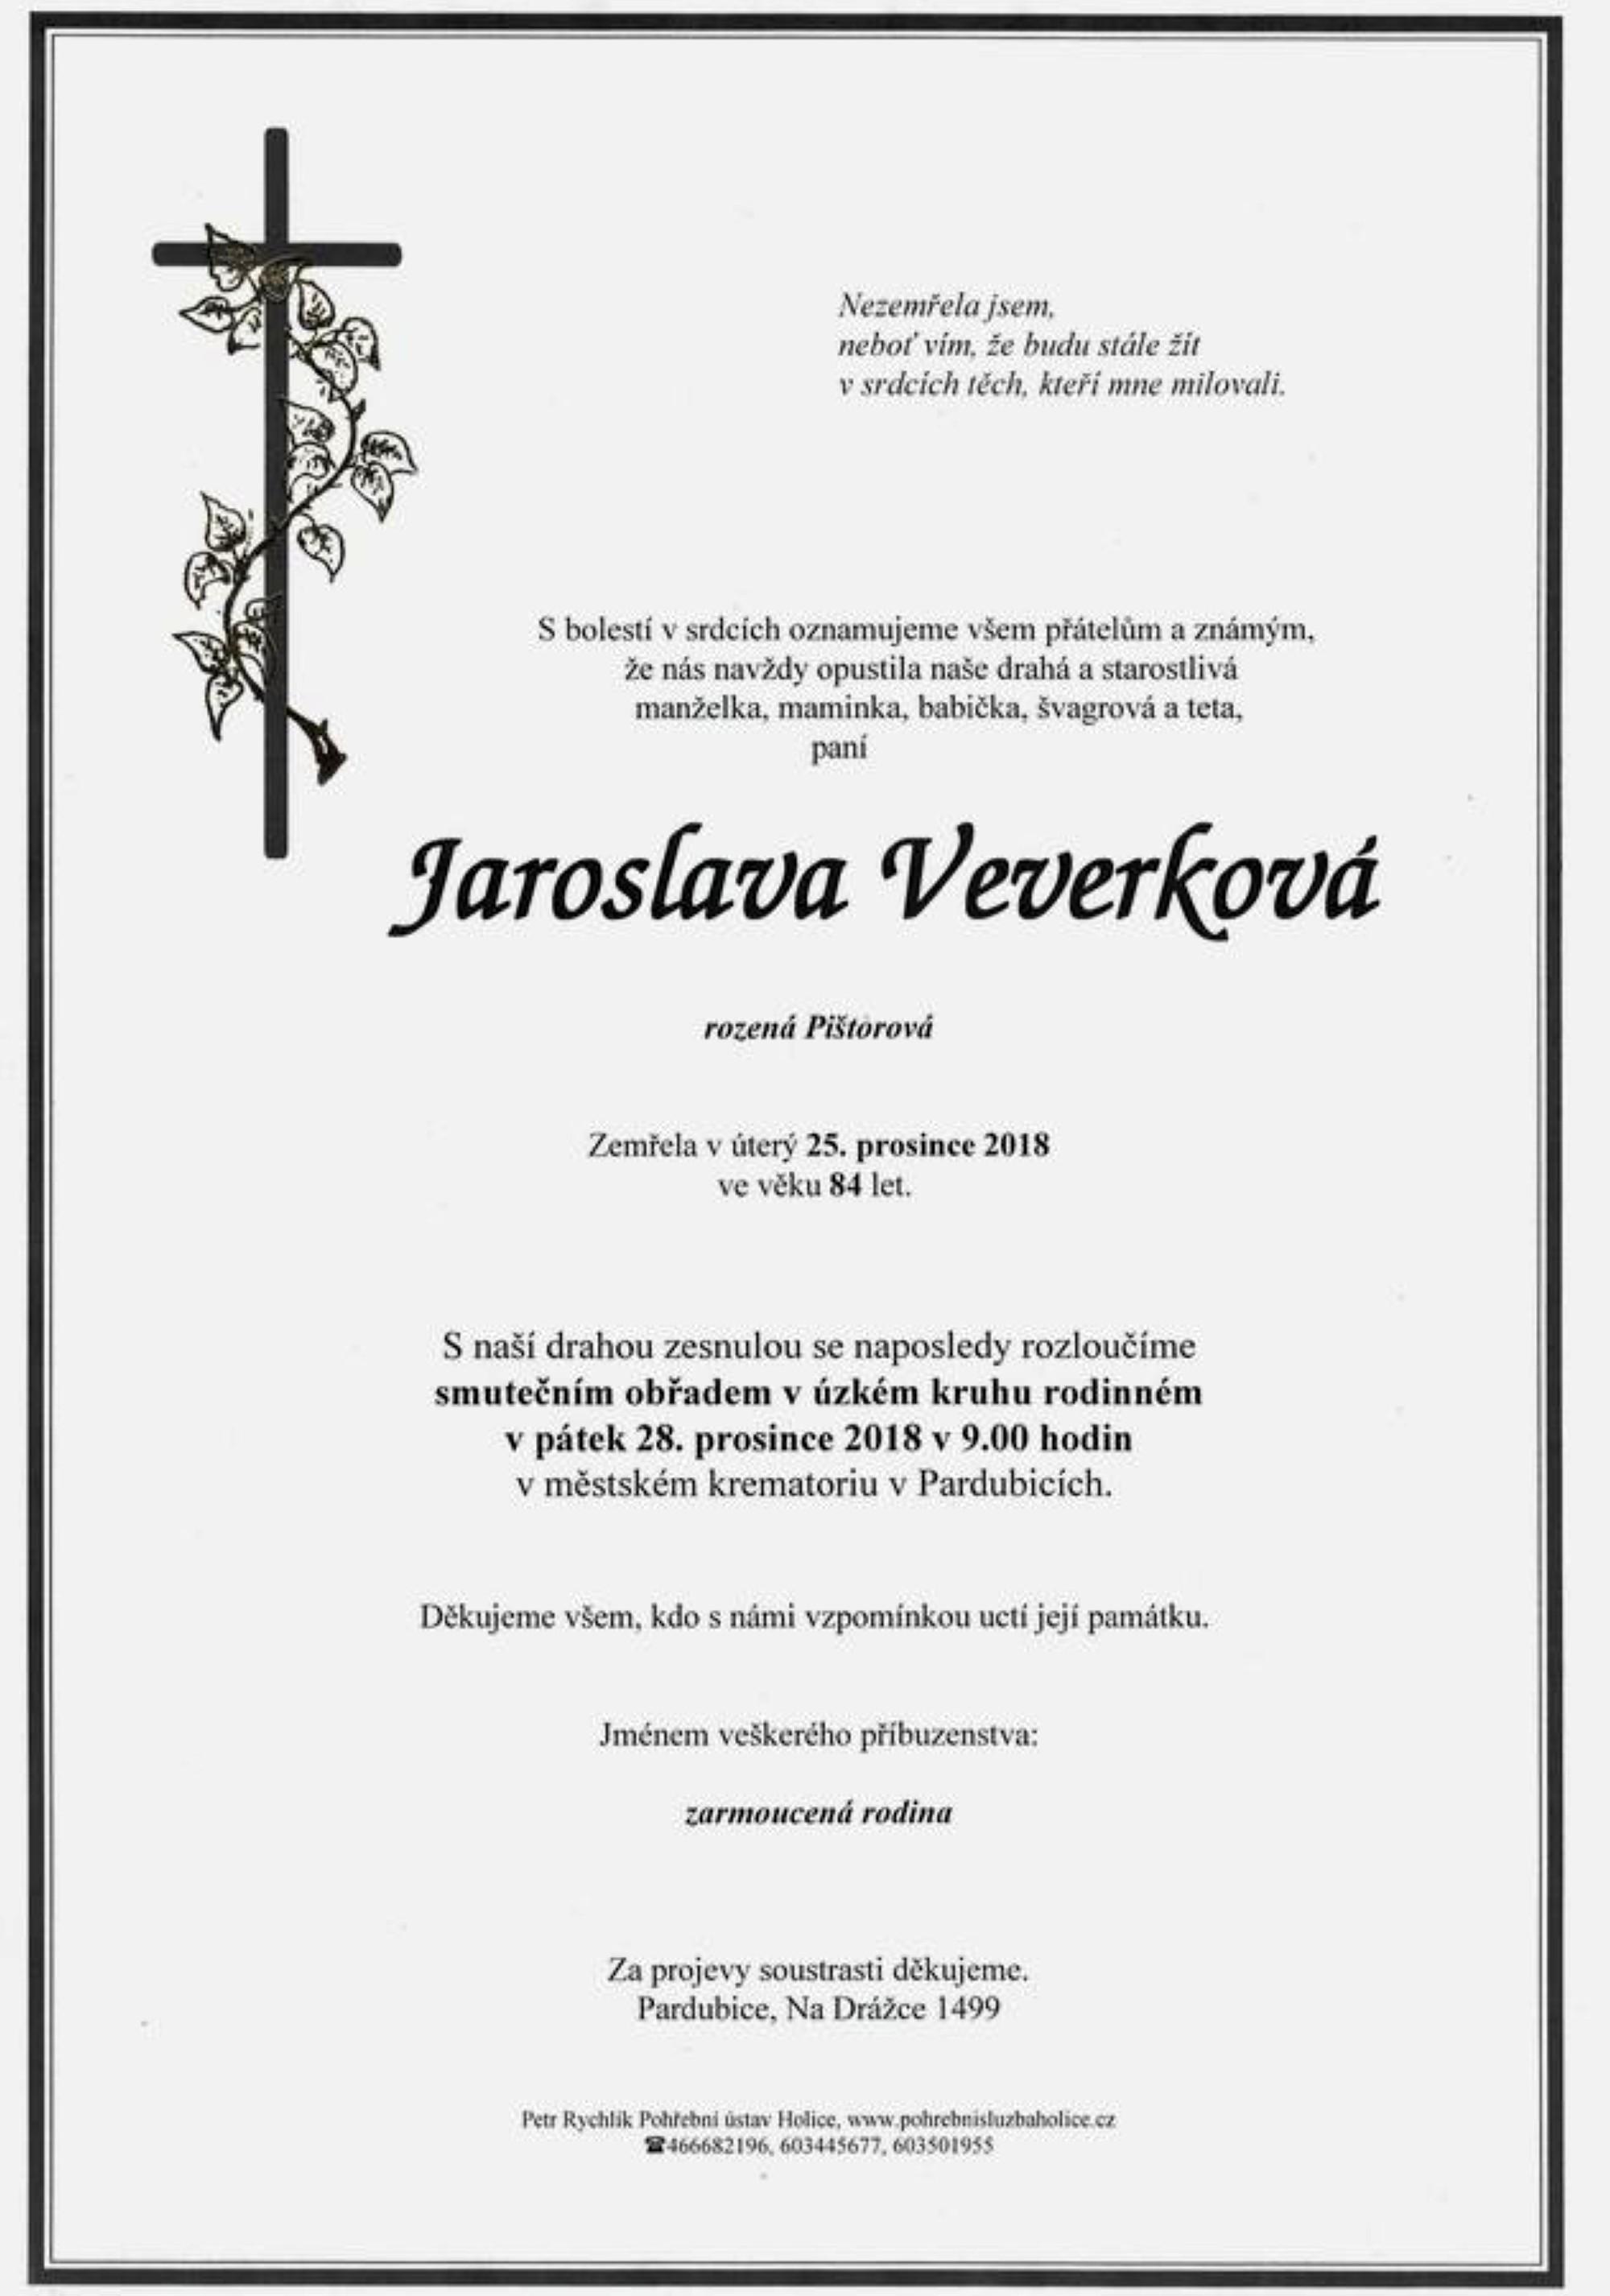 Jaroslav Veverková